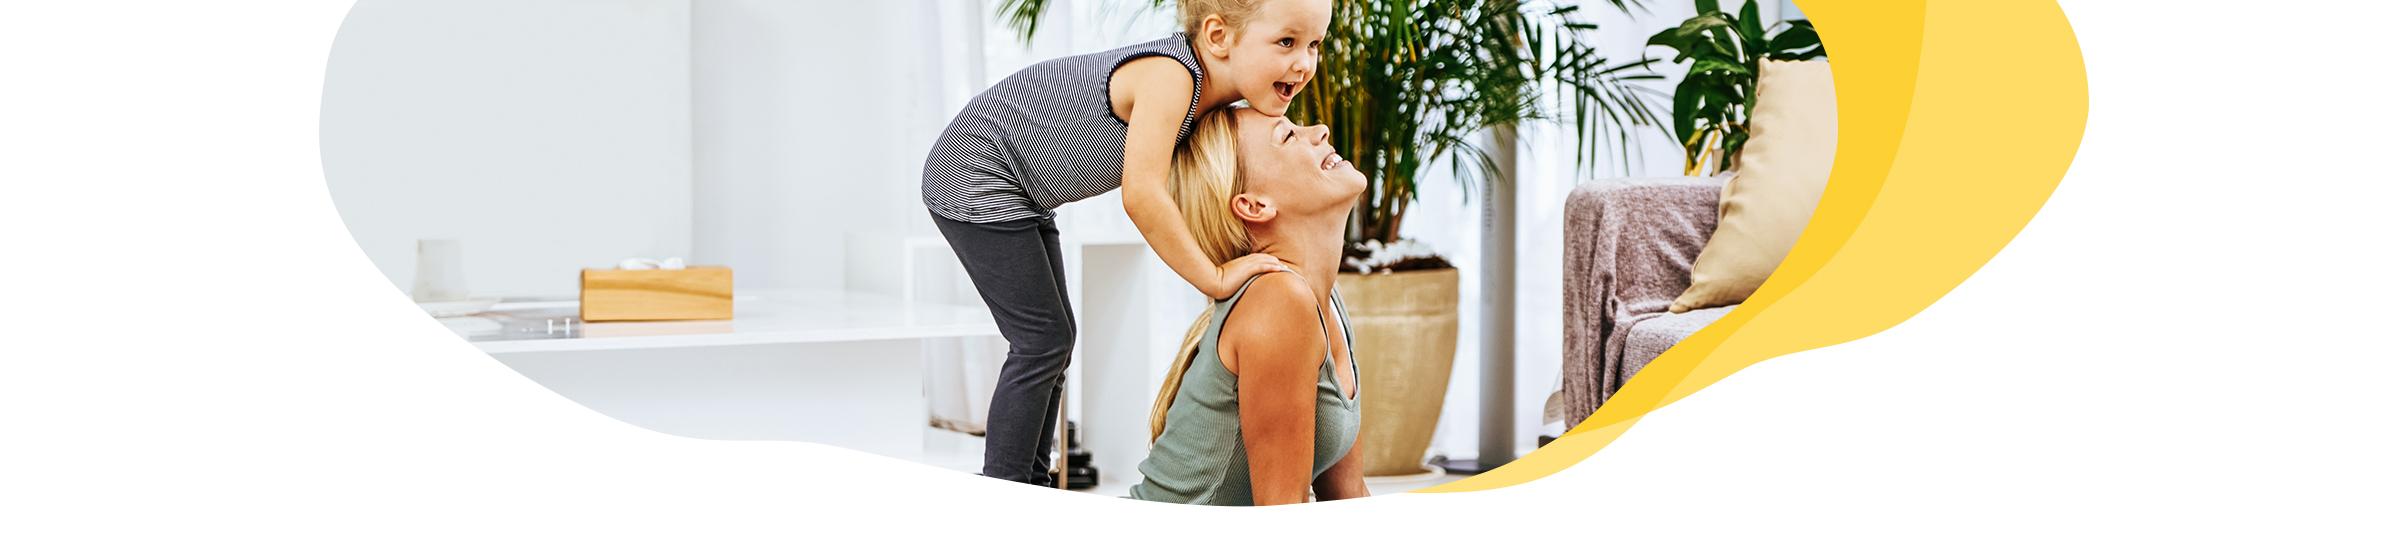 Mutter und Kind machen Sport zuhause